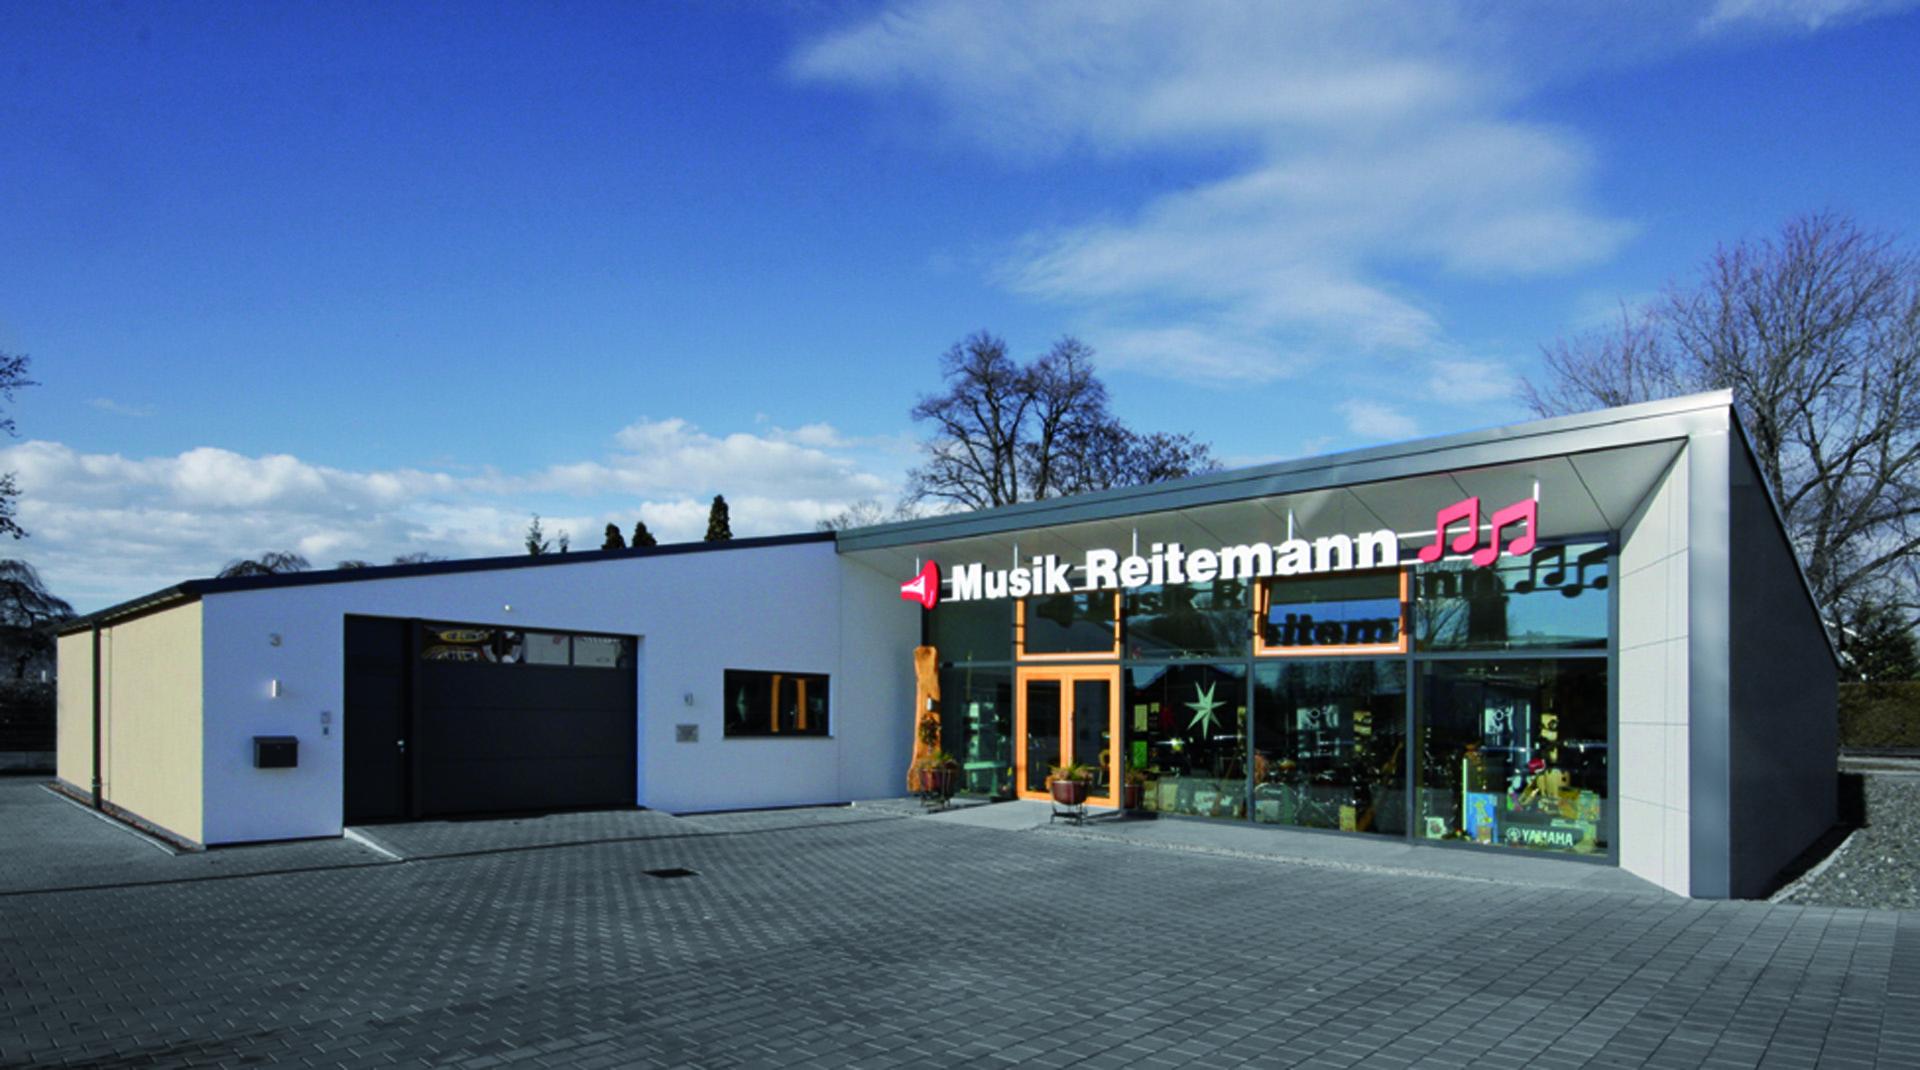 architektur-raum-Musik Reitemann-1_Katego